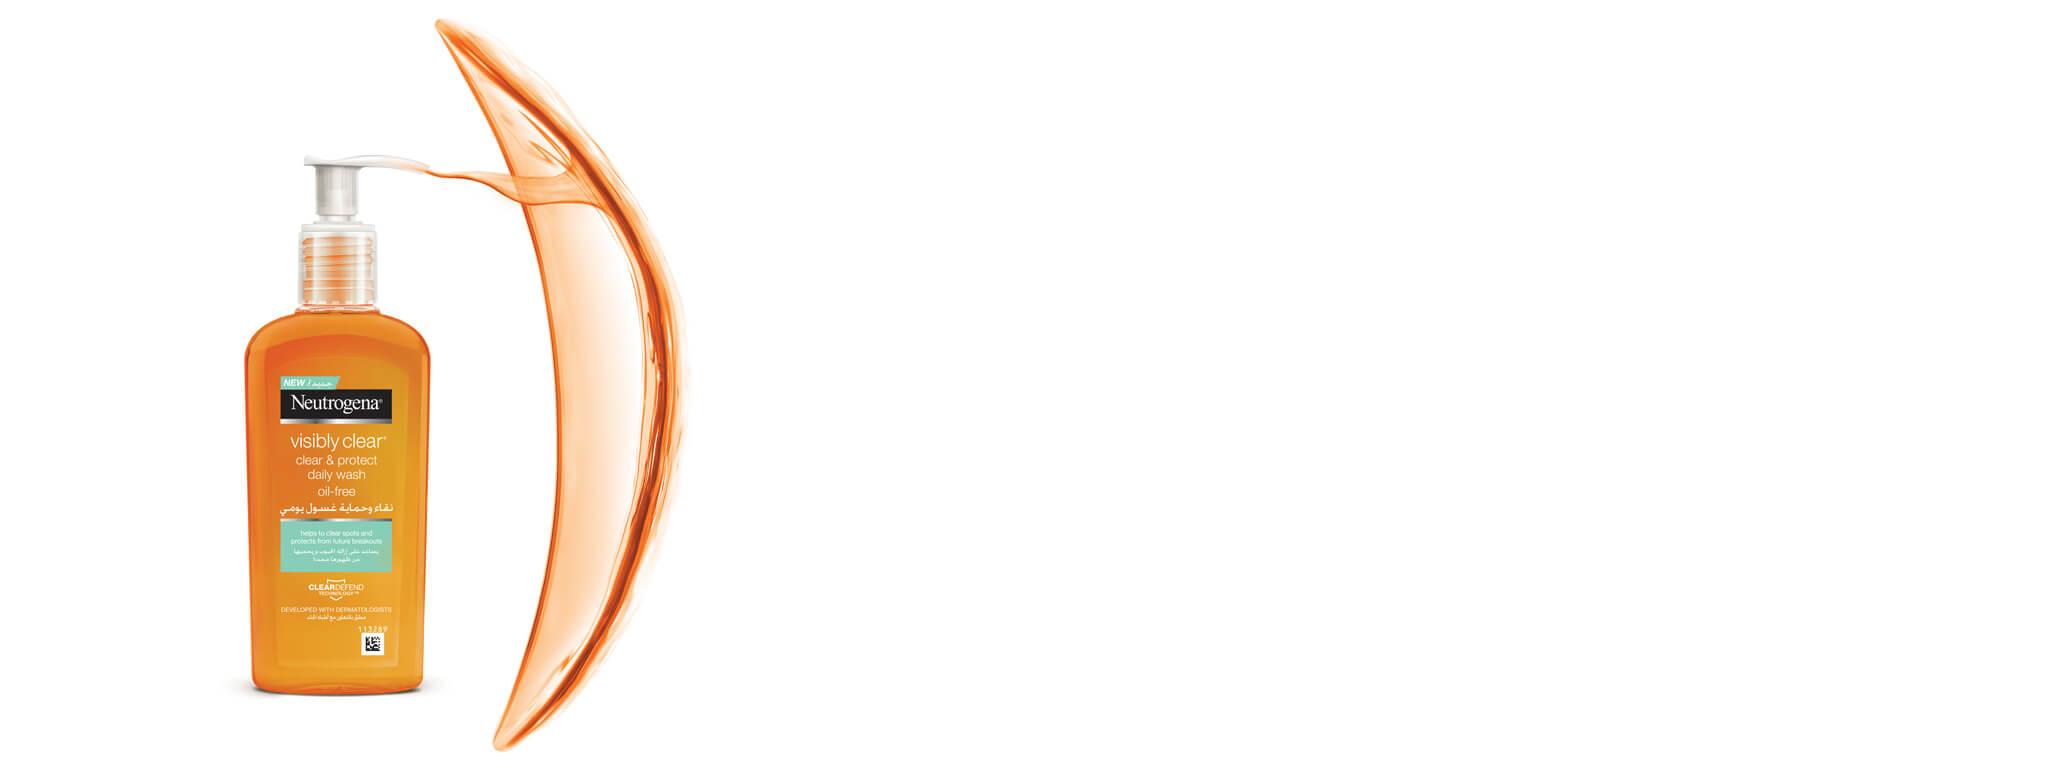 الروتين اليومي من نيوتروجينا للحماية من حب الشباب مع منتجات تجنّب ظهور البقع